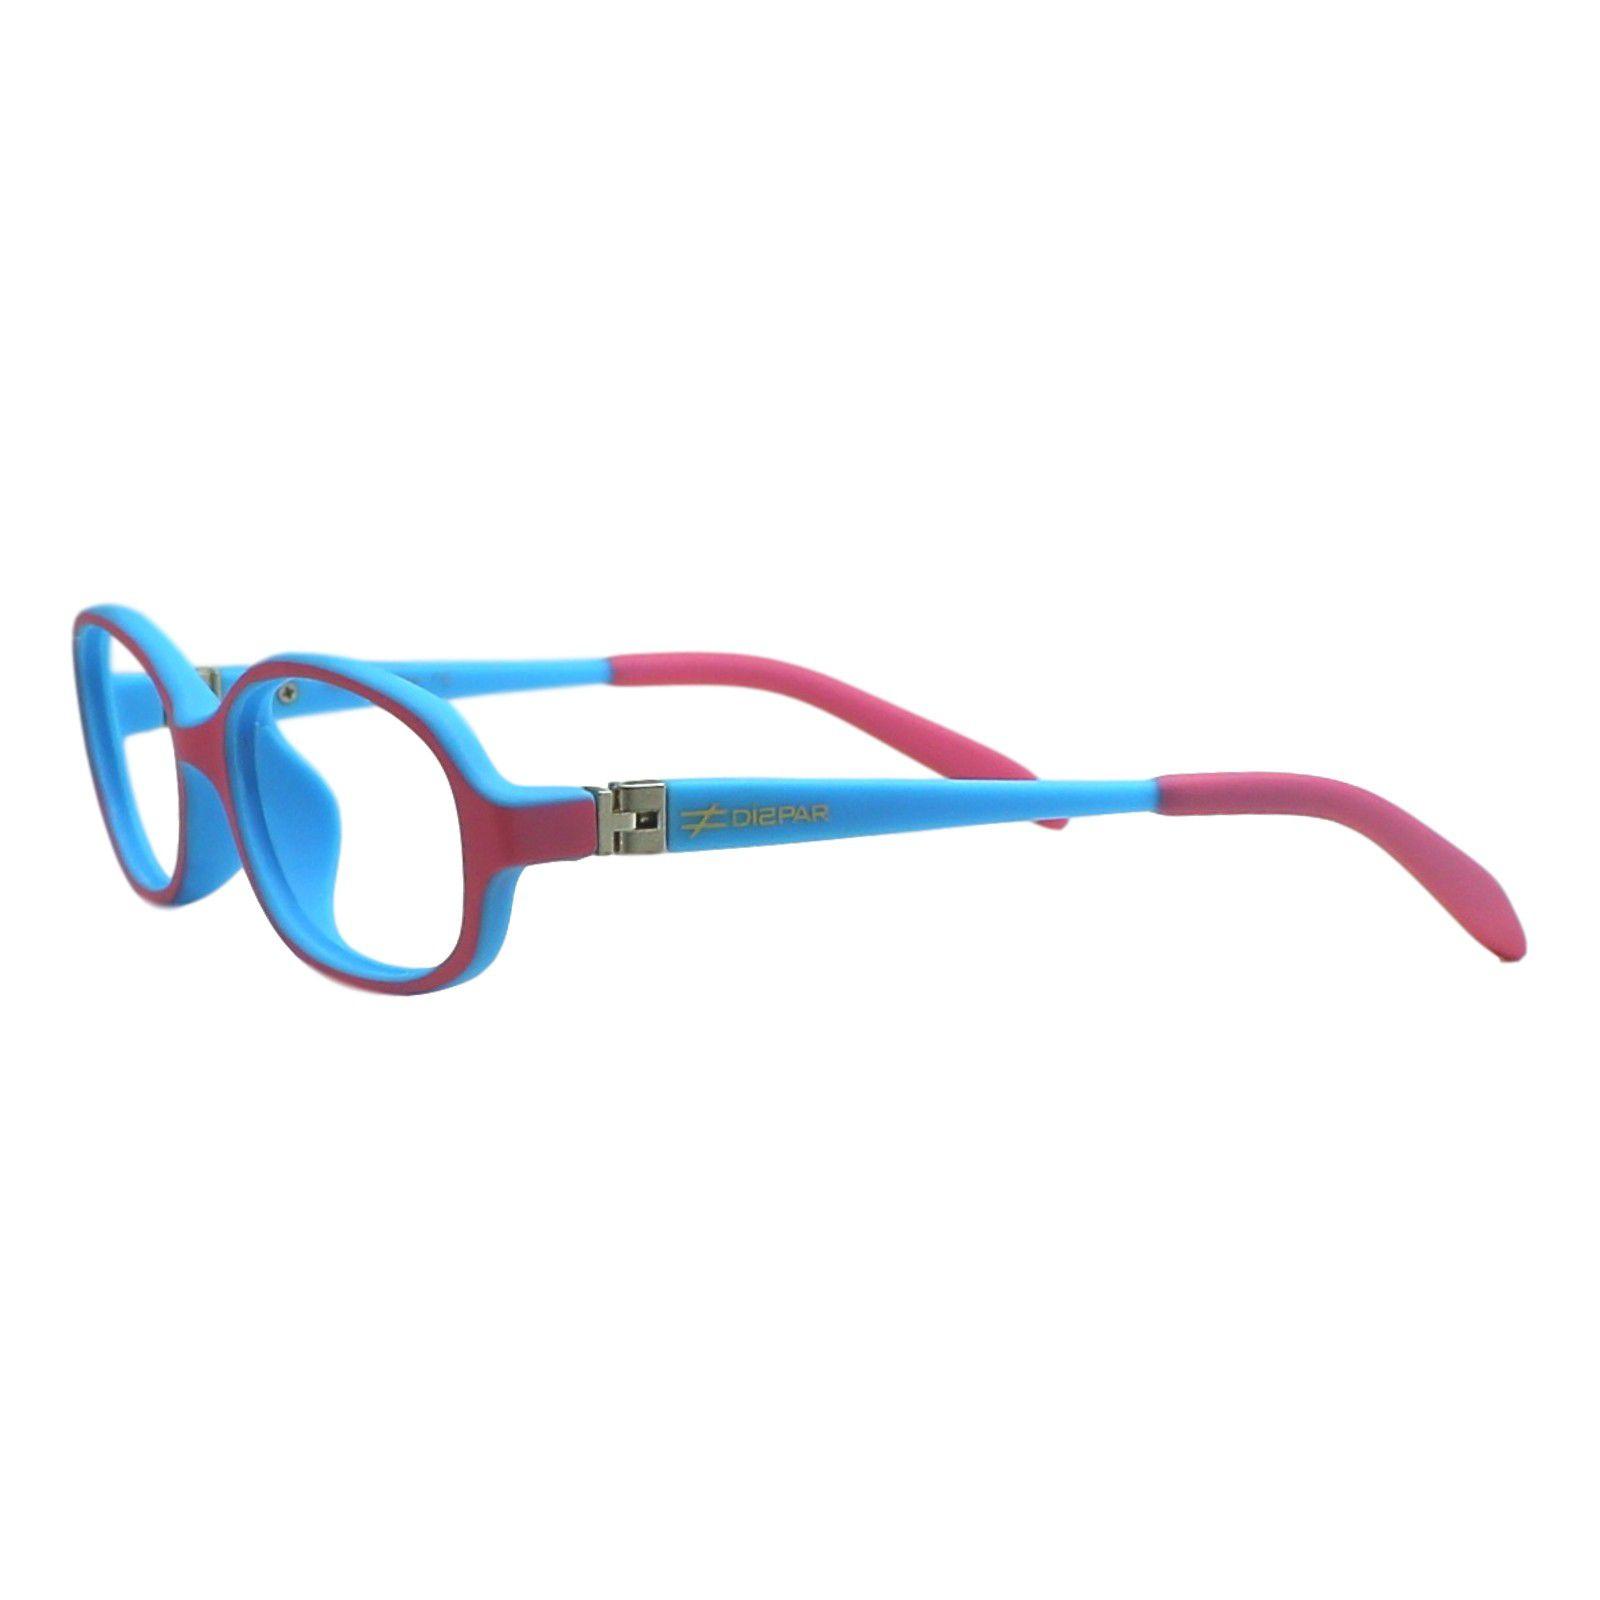 501cf130aa43a ... Armação para Óculos de Grau Díspar ID1944 Flexível Infantil Rosa 3 a 6  anos ...